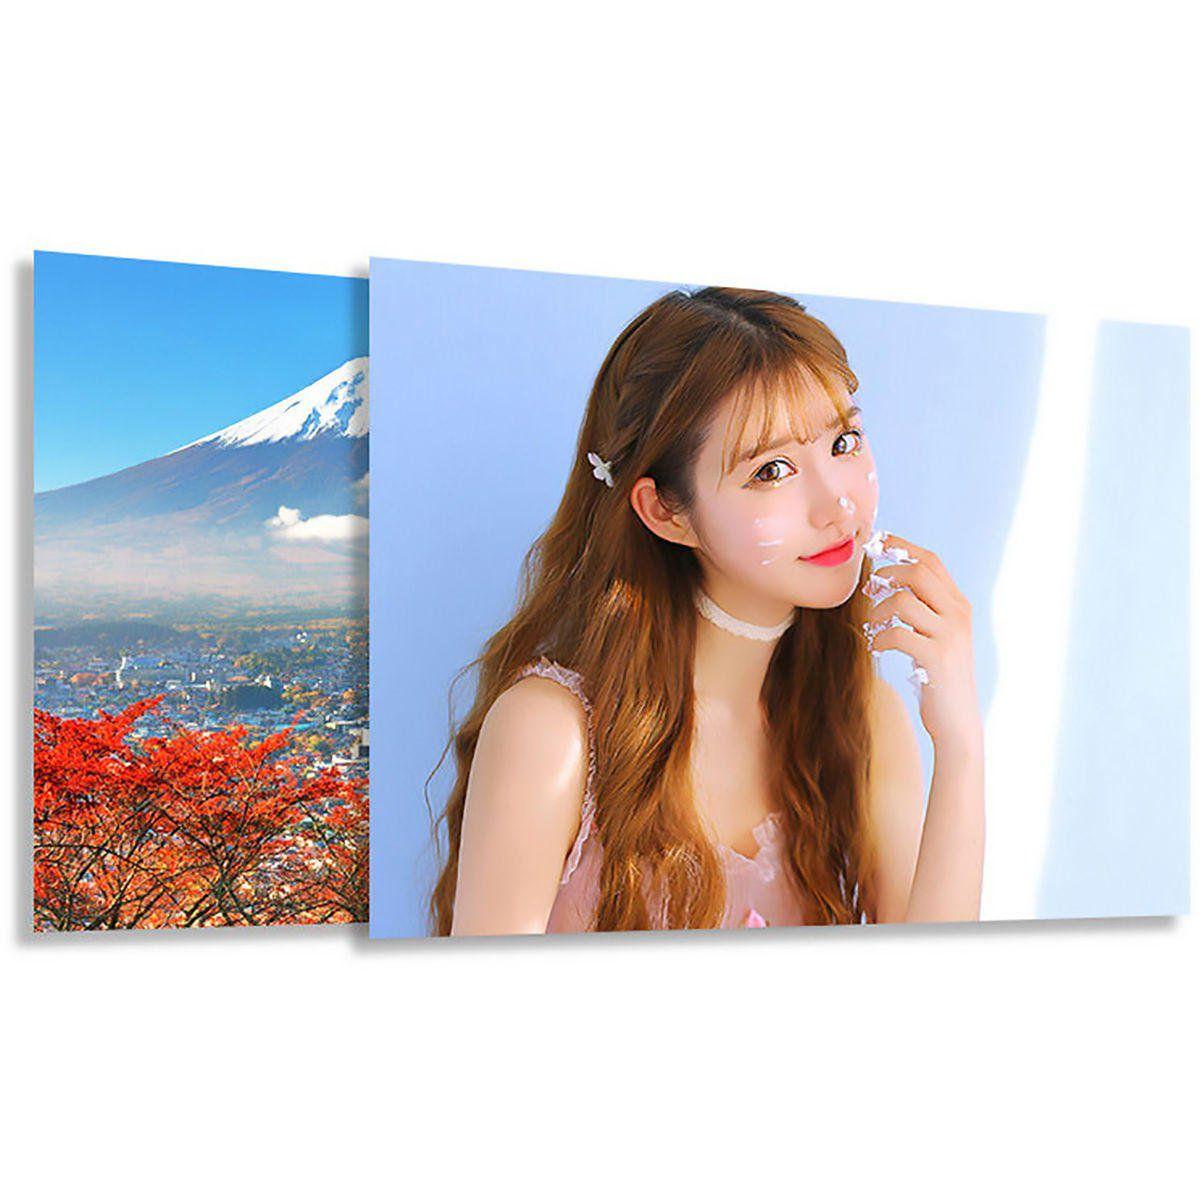 Papel Fotográfico A3 297mm x 420mm 180g Glossy Branco Brilhante Resistente à Água / 20 Folhas